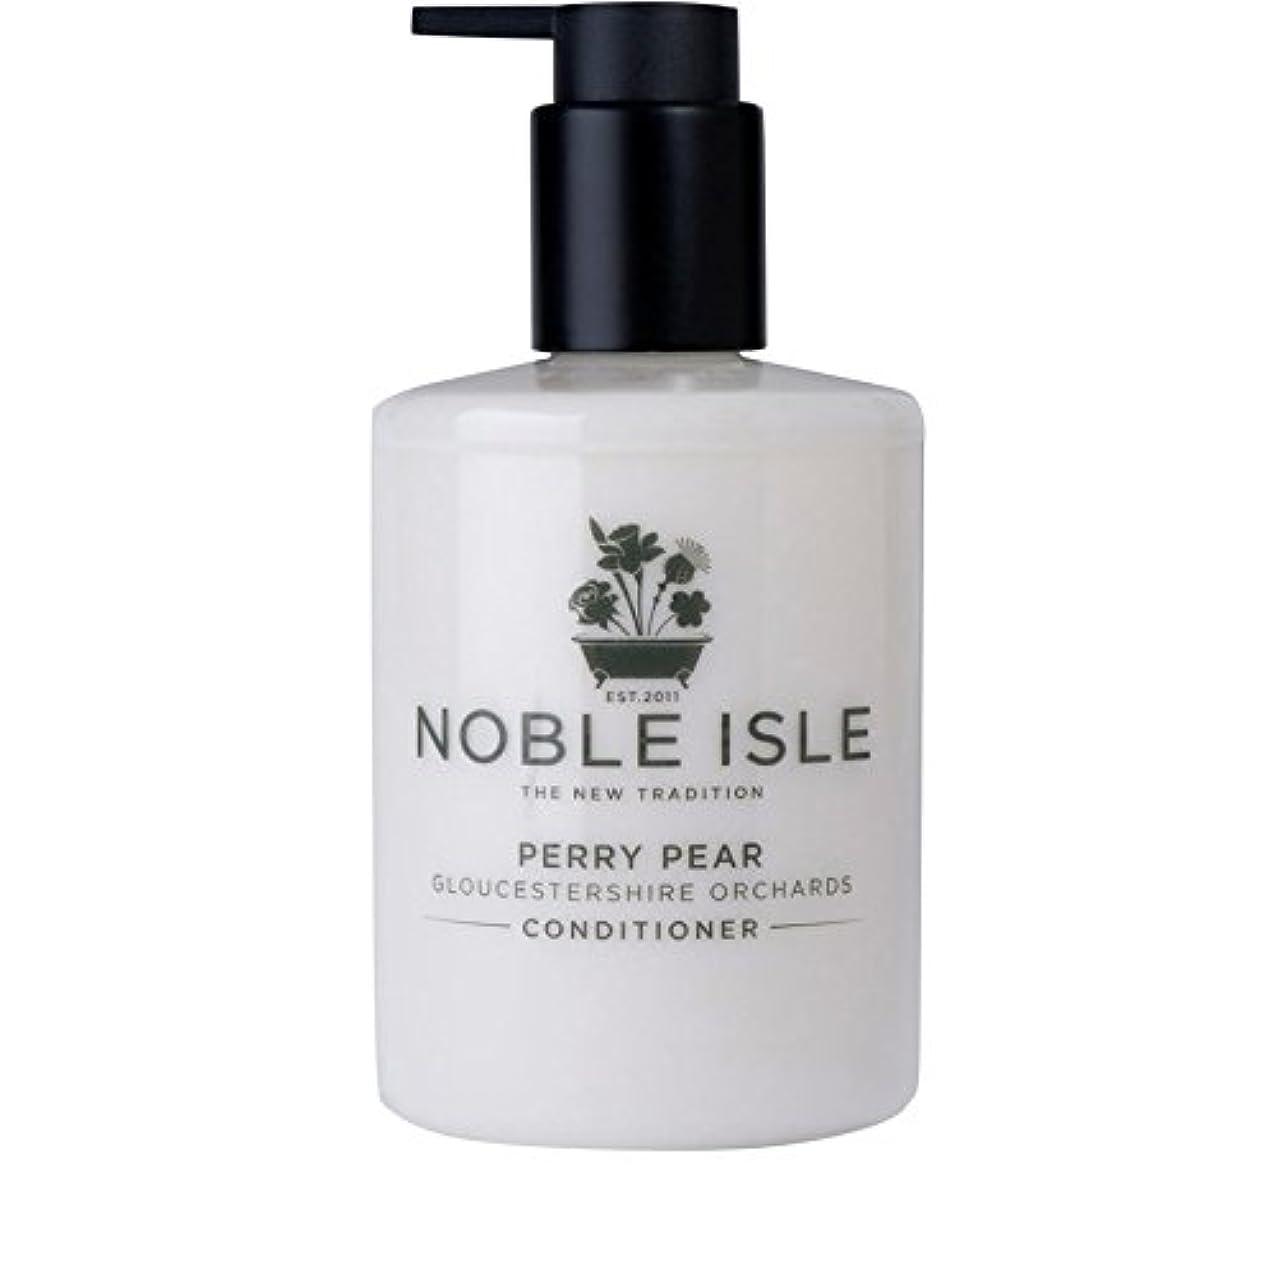 ミュウミュウゆるい膿瘍Noble Isle Perry Pear Gloucestershire Orchards Conditioner 250ml (Pack of 6) - 高貴な島ペリー梨グロスターシャー州の果樹園コンディショナー250...